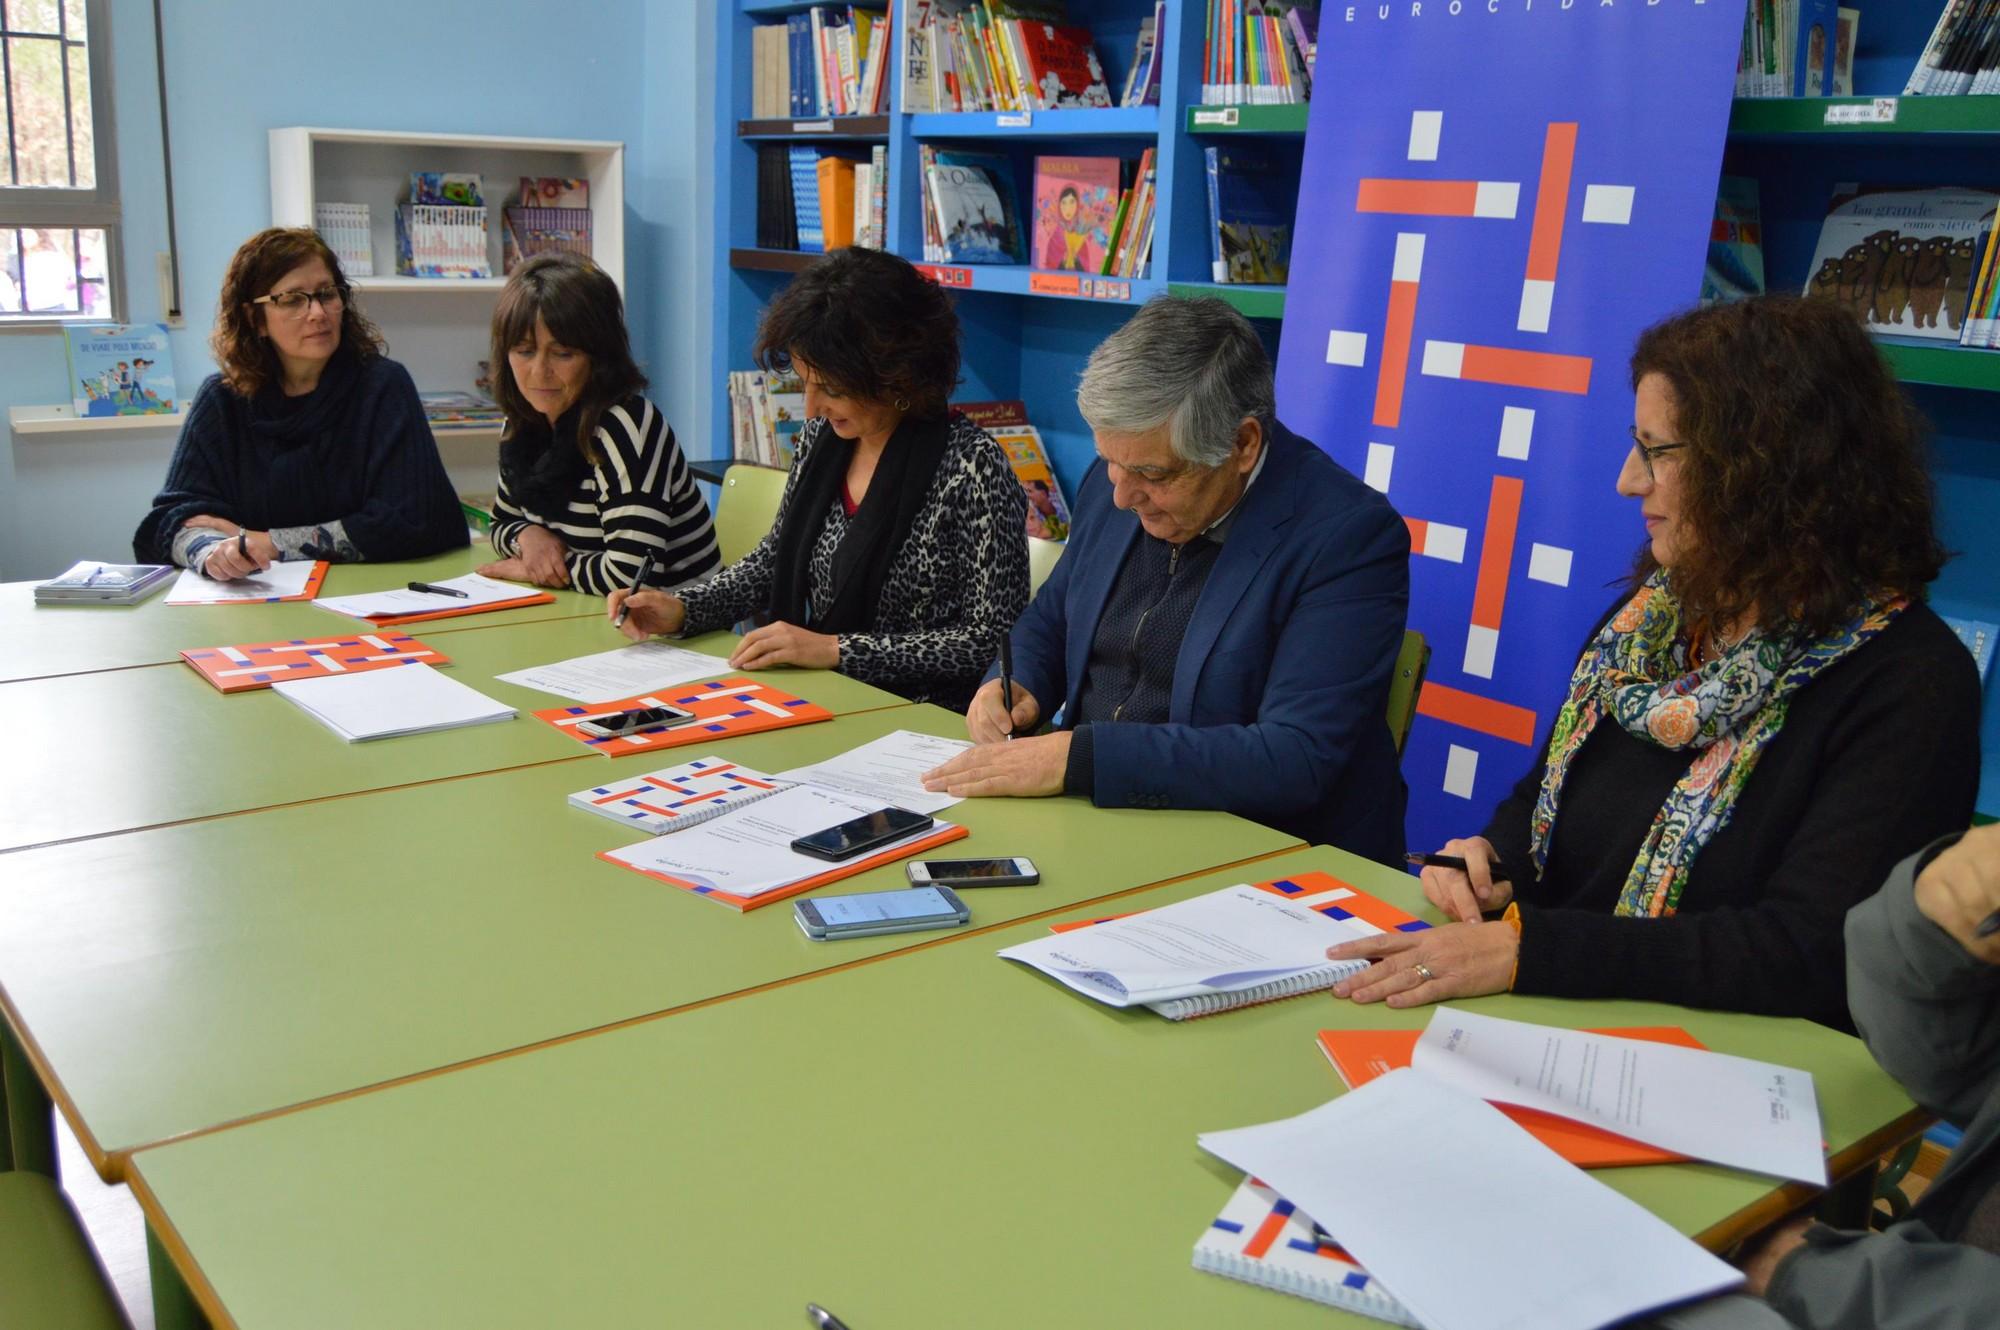 Comissão Europeia vai estudar alternativas para facilitar intercâmbios escolares em contextos transfronteiriços